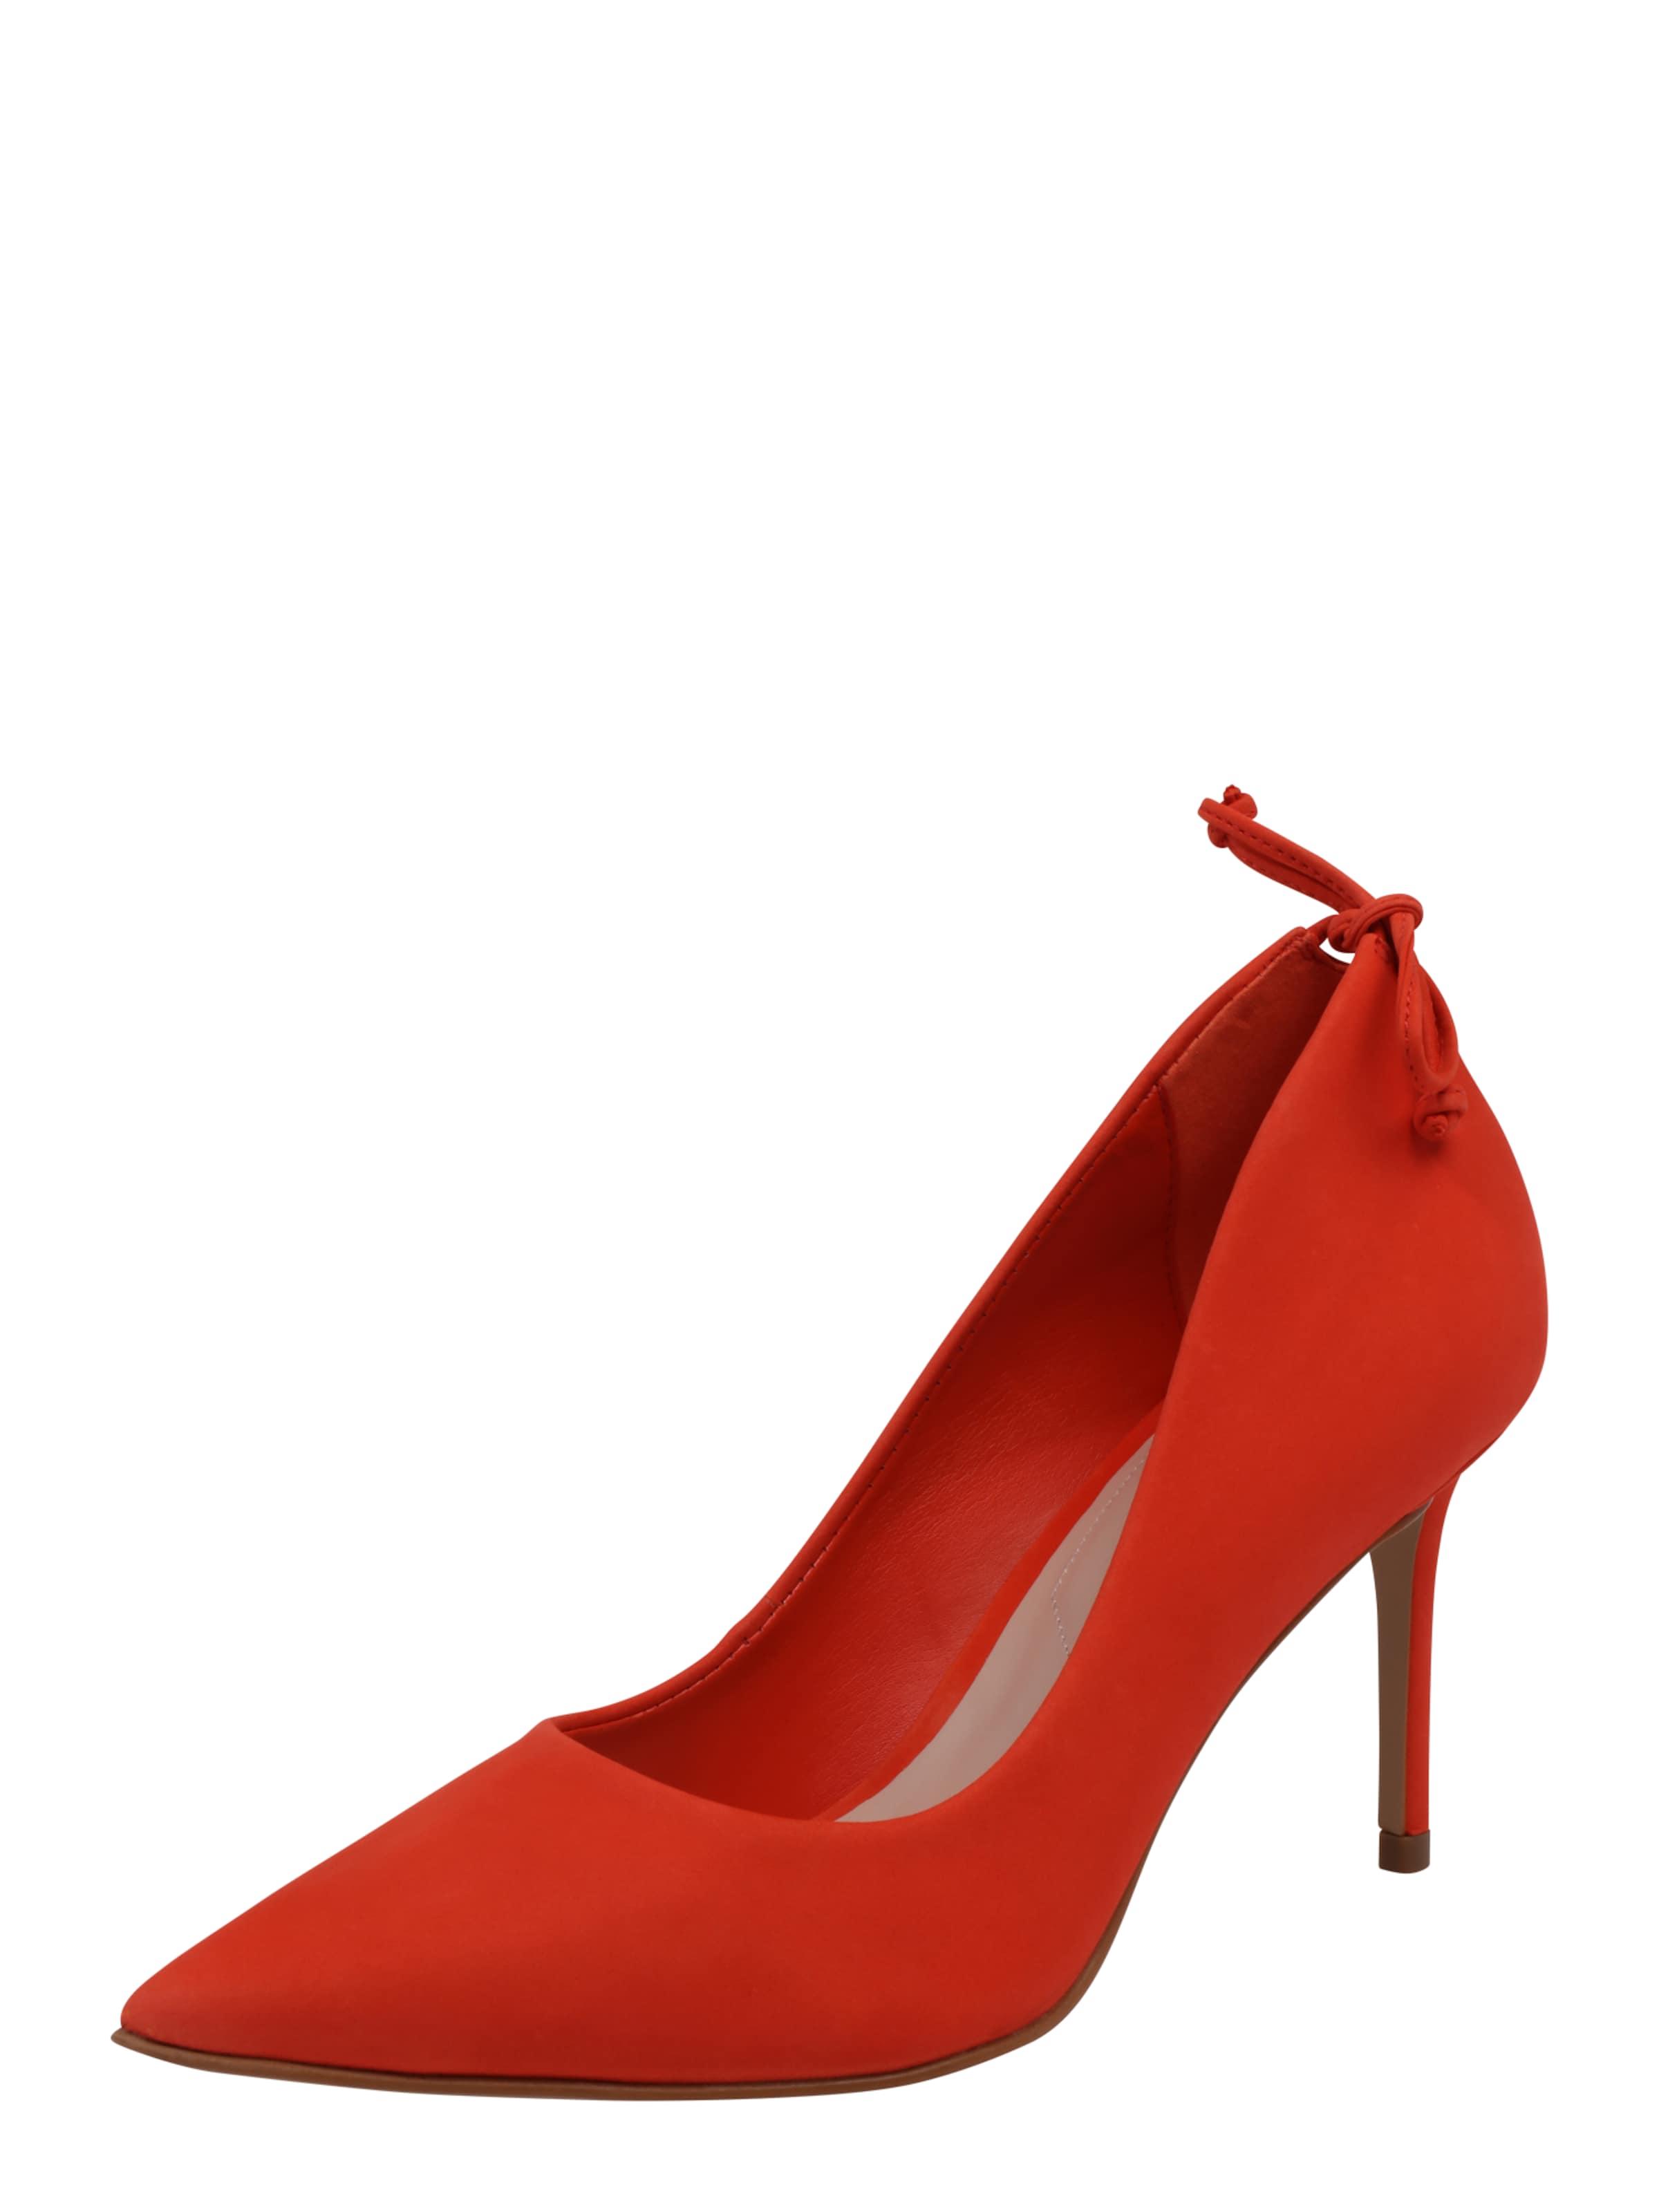 ALDO Pumps KASSII Verschleißfeste billige Schuhe